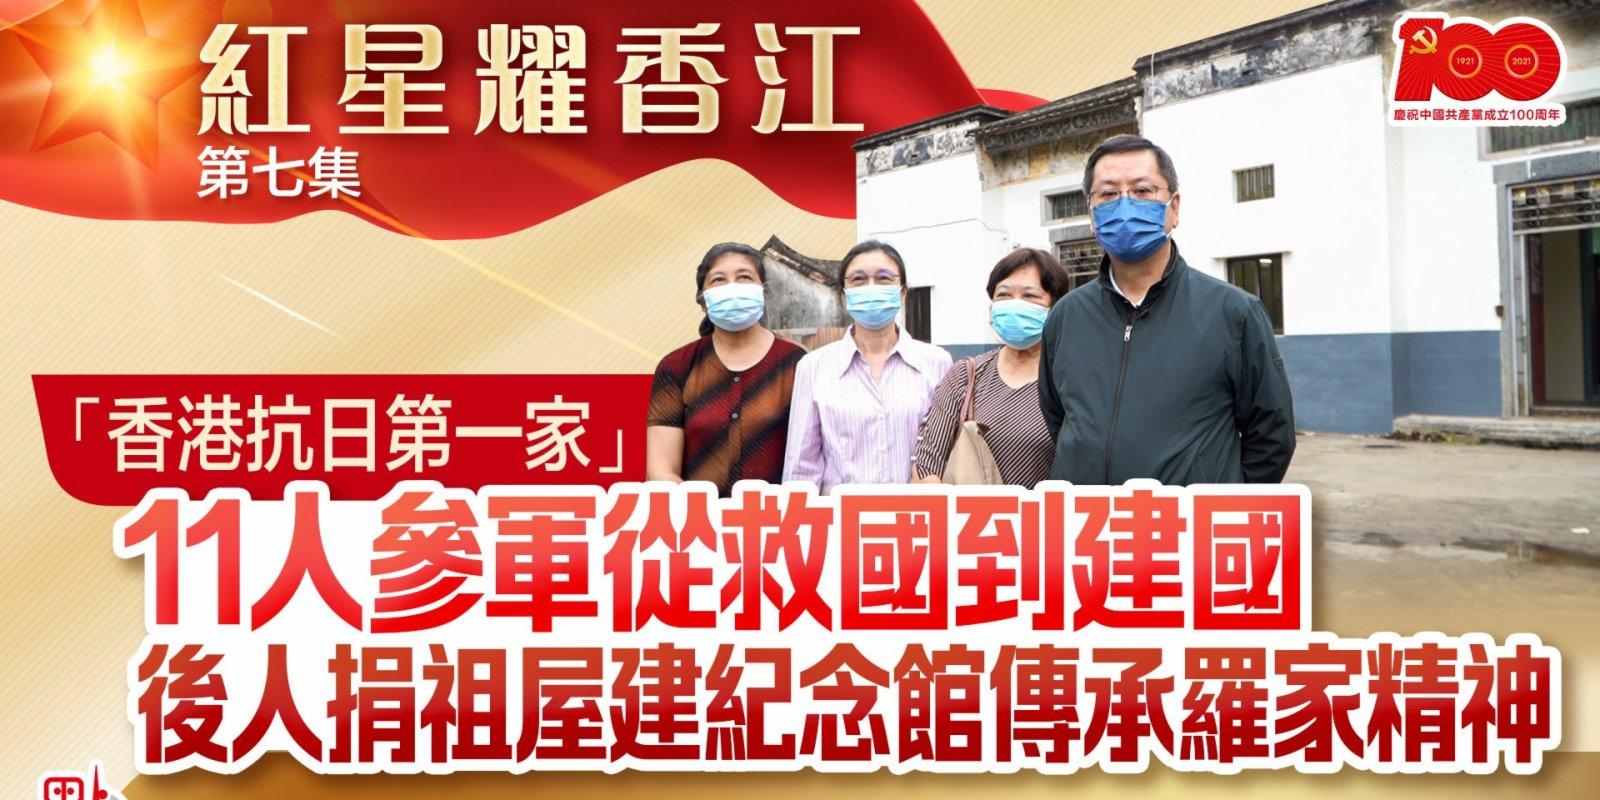 紅星耀香江 |「香港抗日第一家」11人參軍從救國到建國 後人捐祖屋建紀念館傳承羅家精神